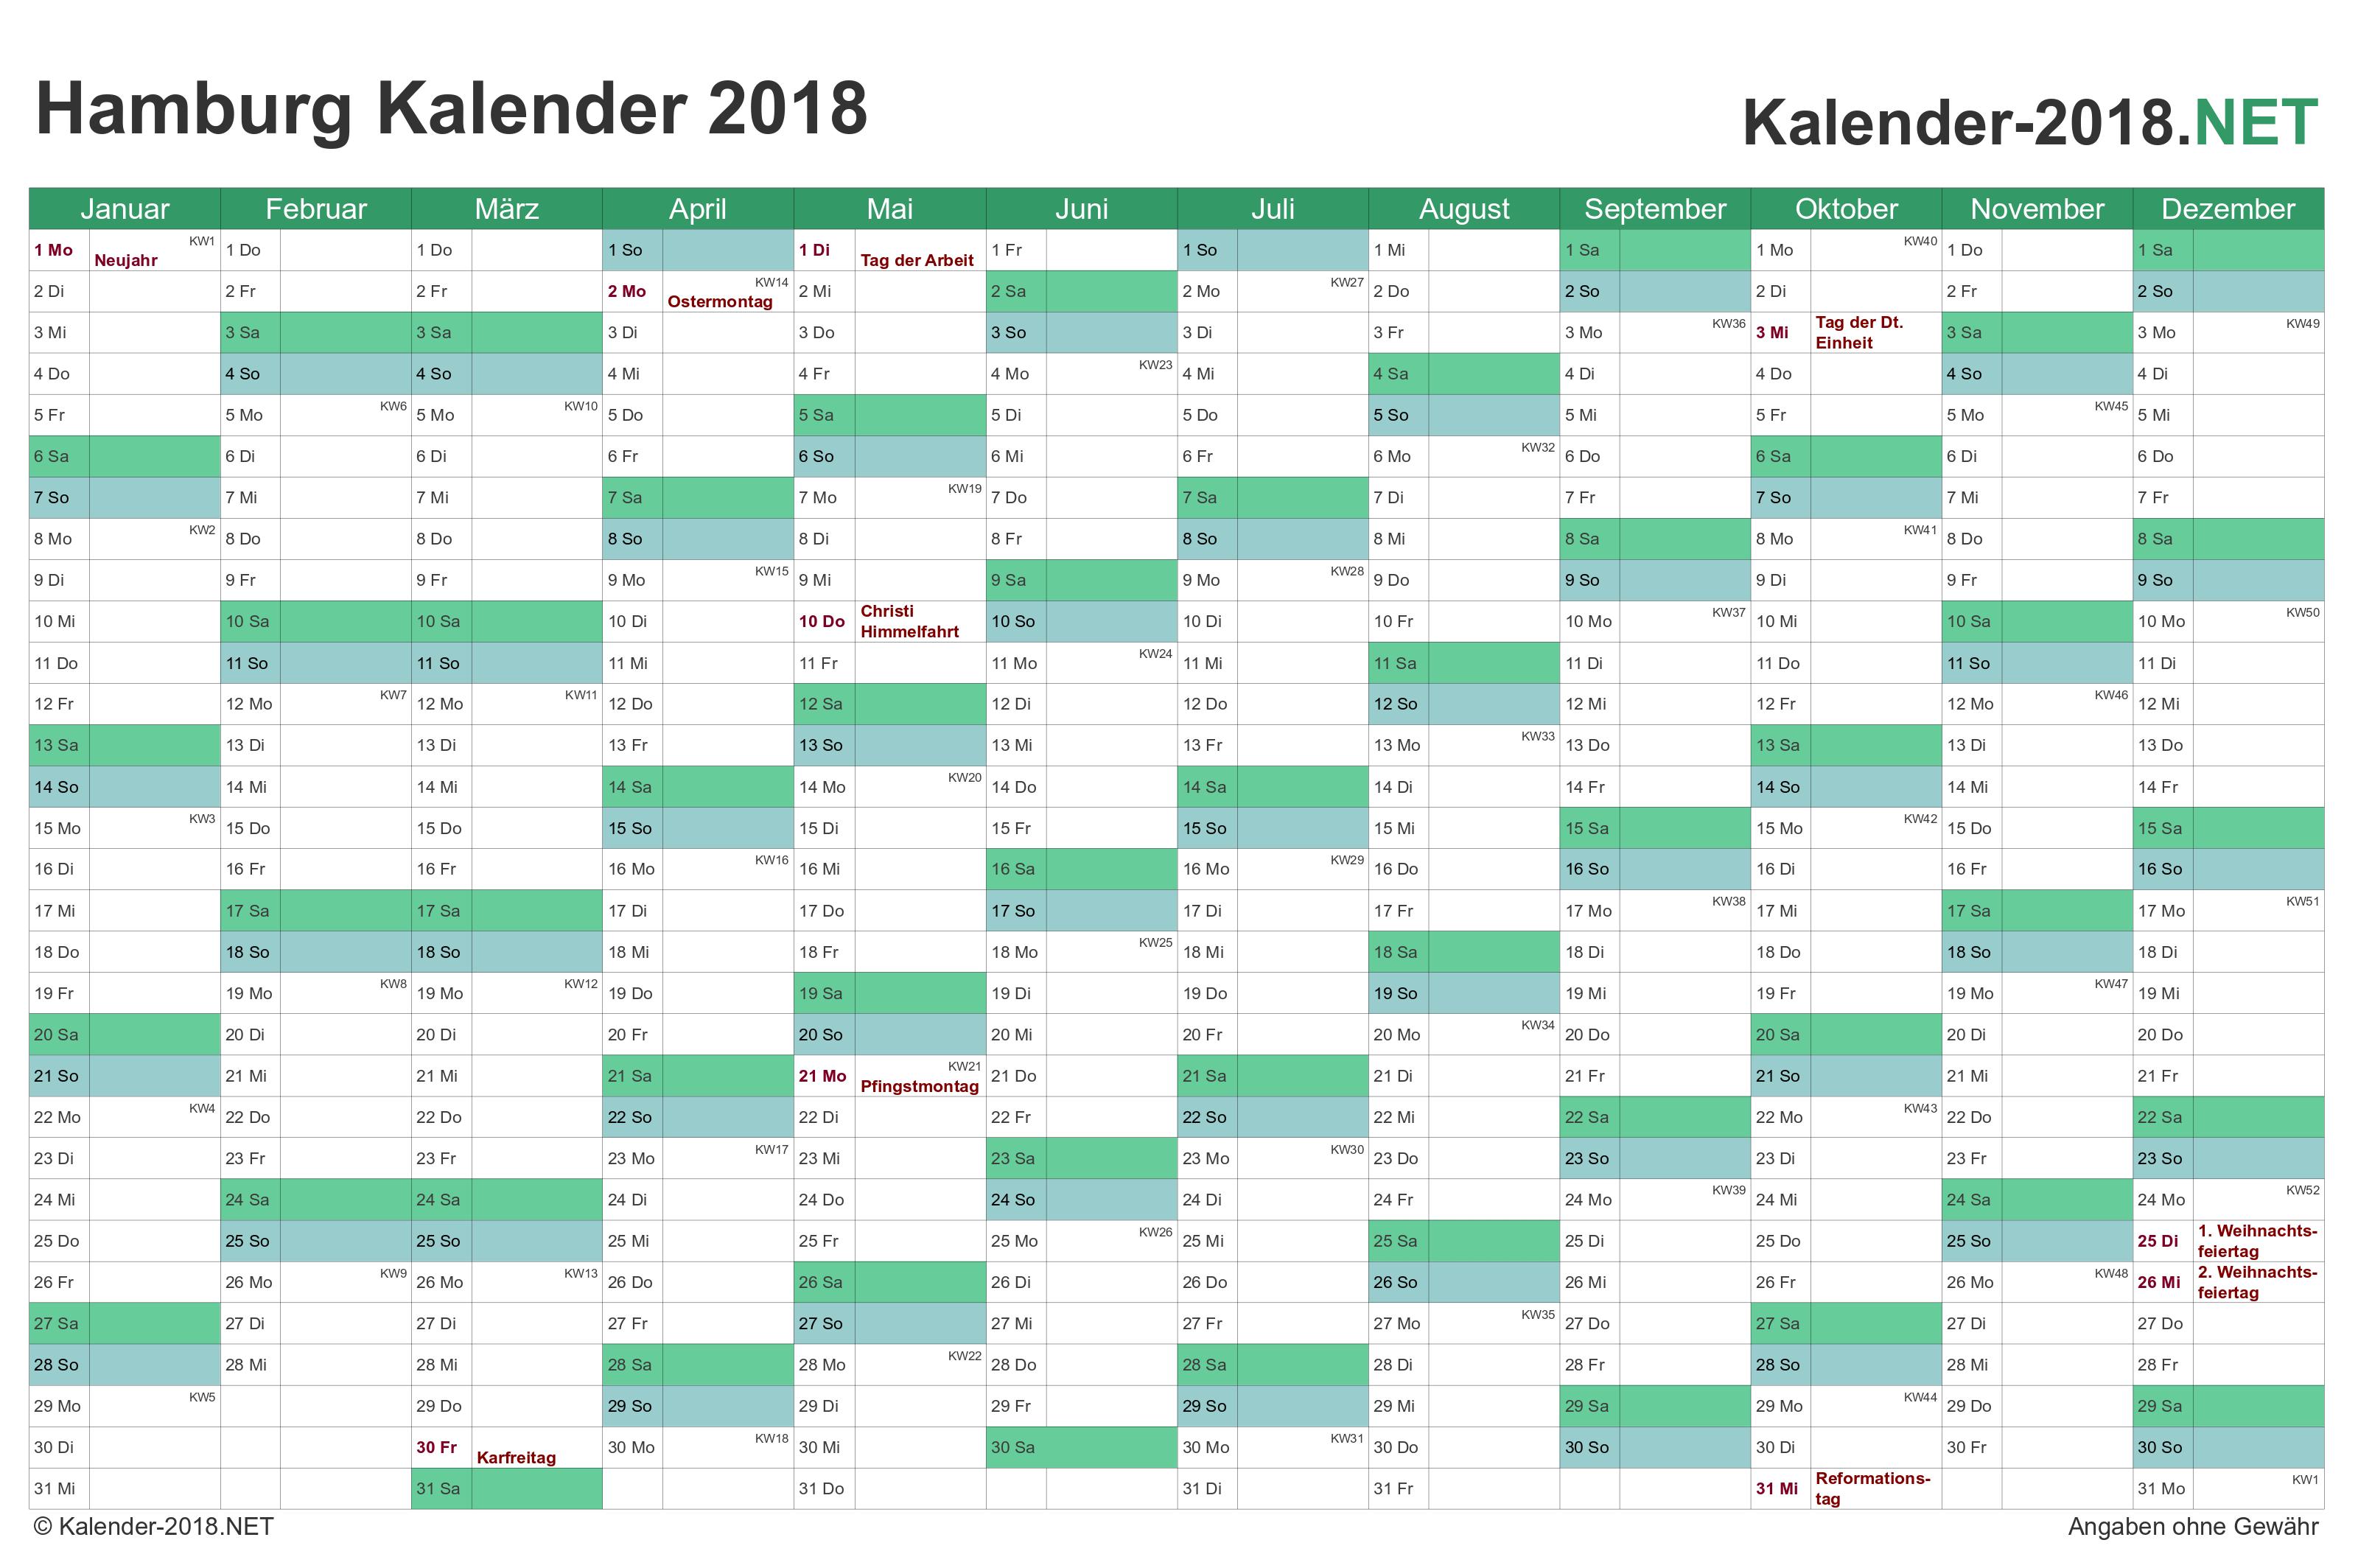 kalender 2018 excel - Ideal.vistalist.co